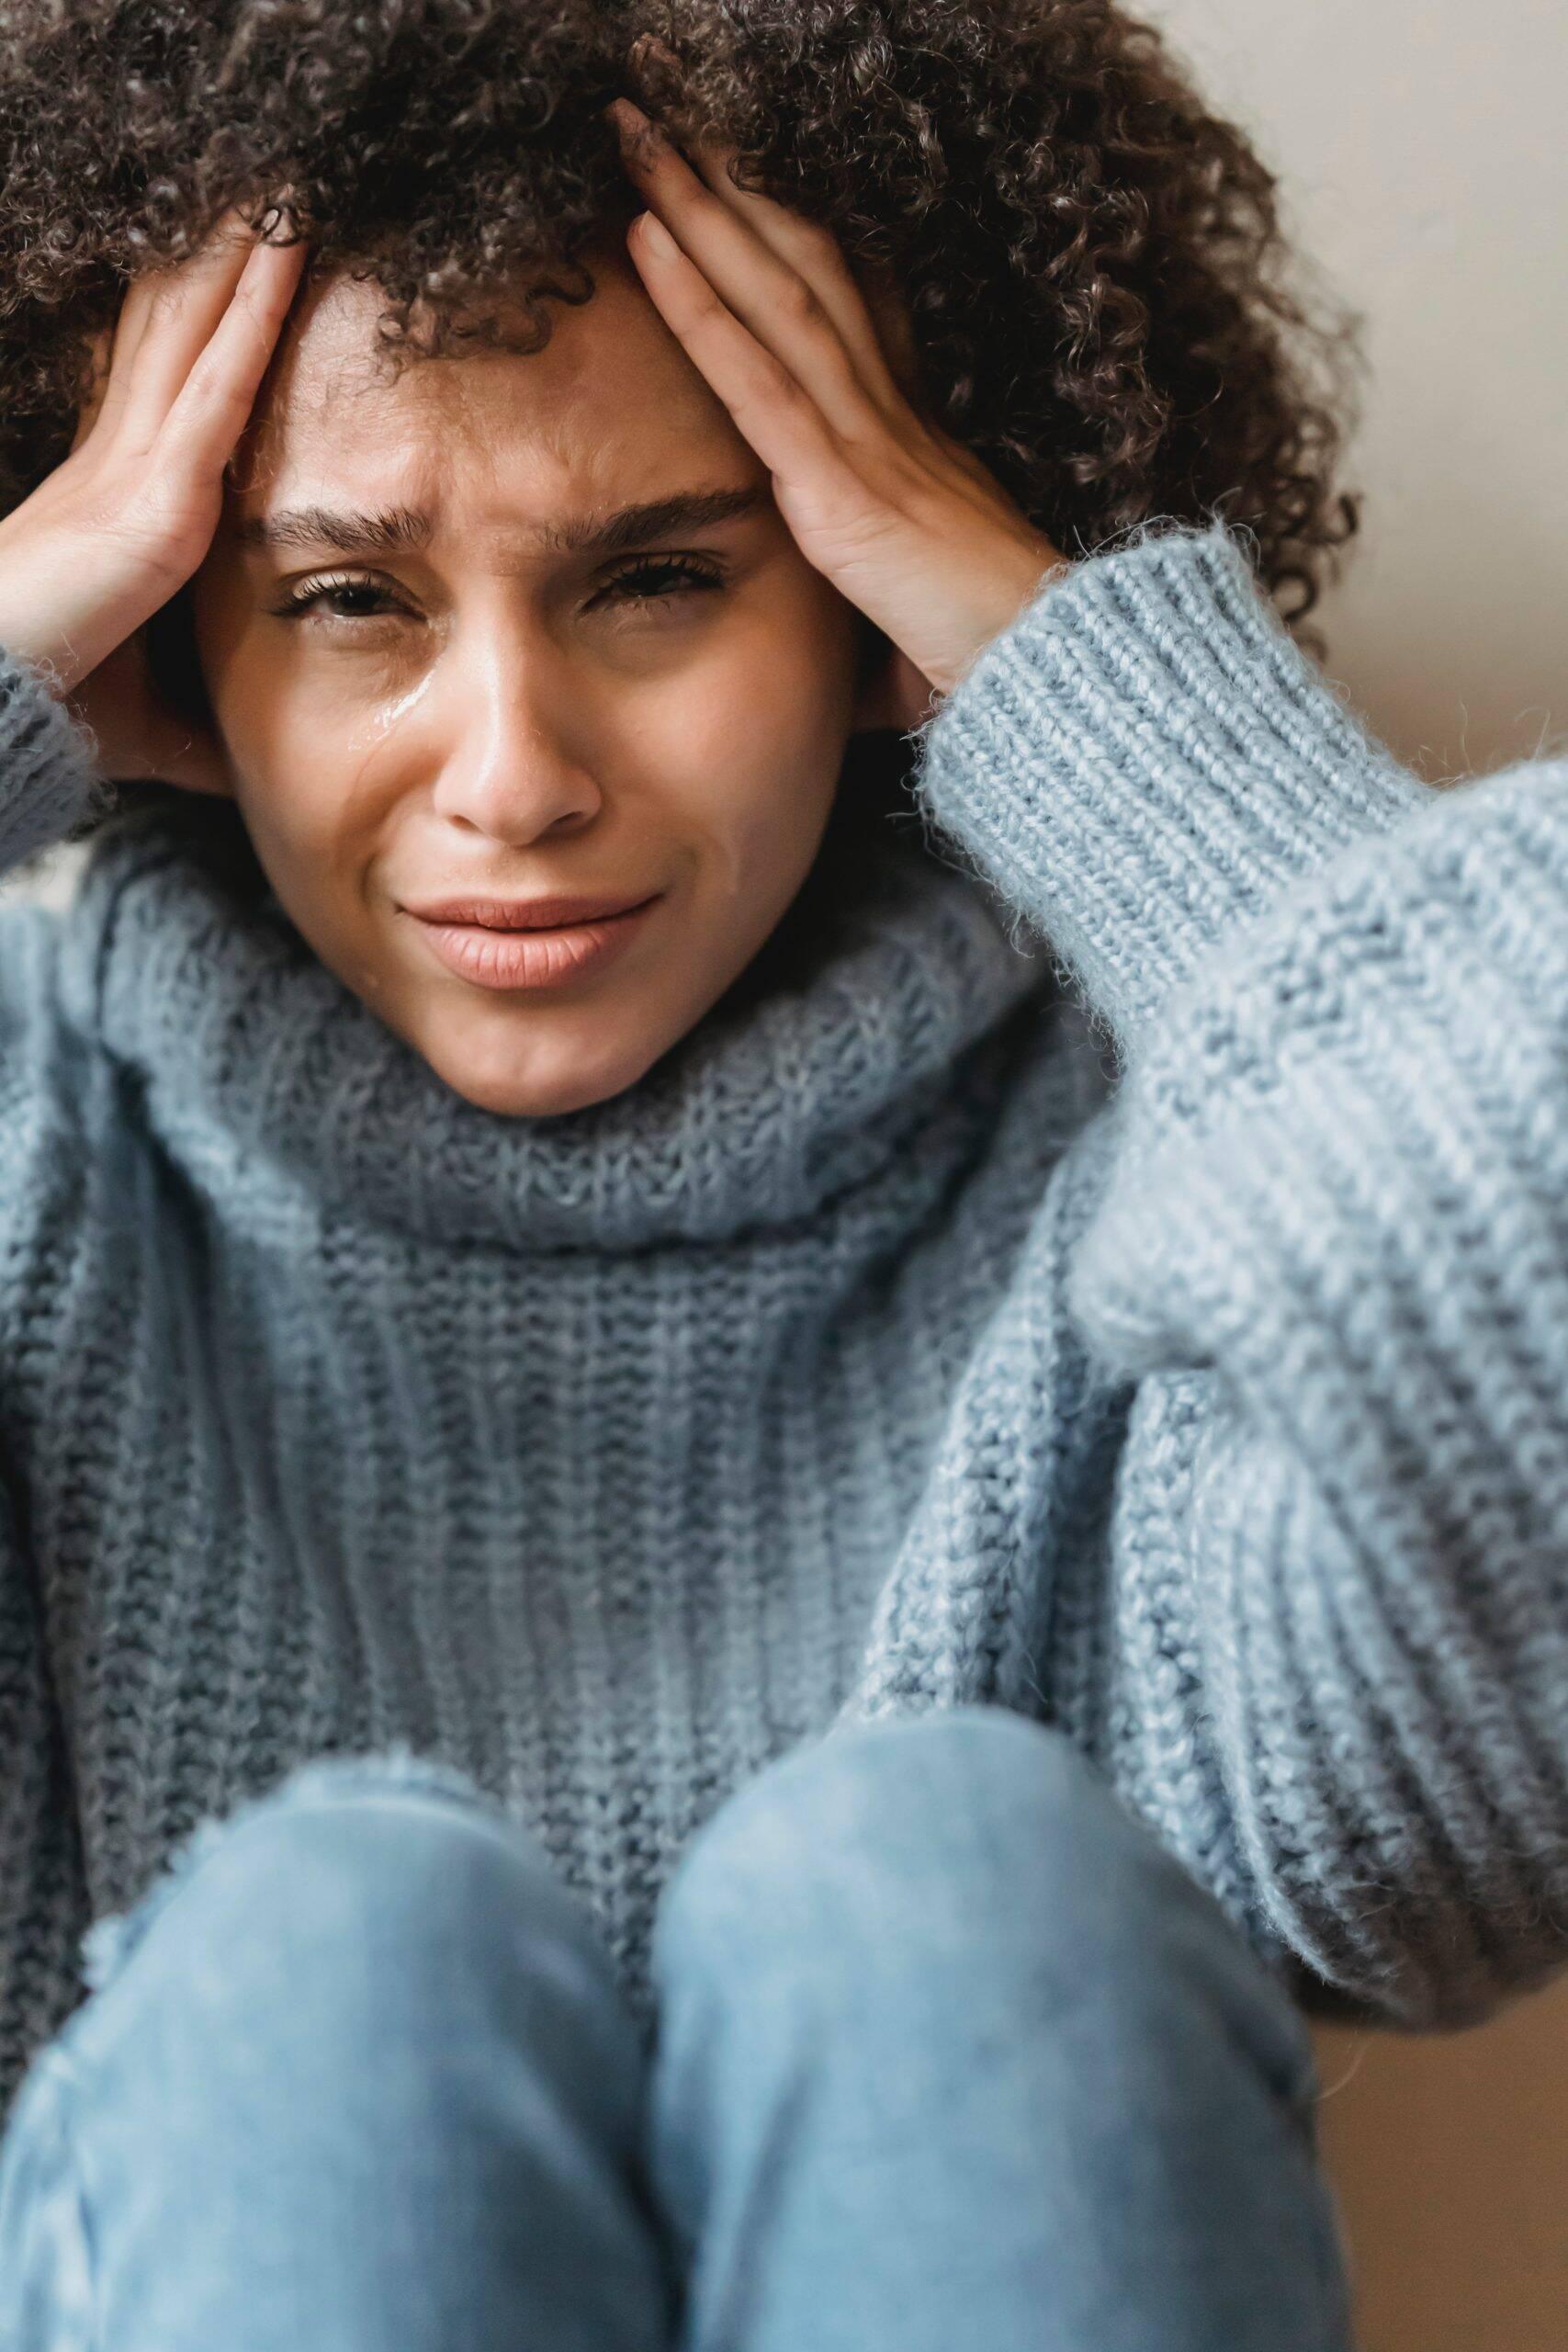 Os transtornos de ansiedade podem incluir ataques de pânico, transtorno obsessivo-compulsivo e também transtorno de estresse pós-traumático. (Foto: Pexels)